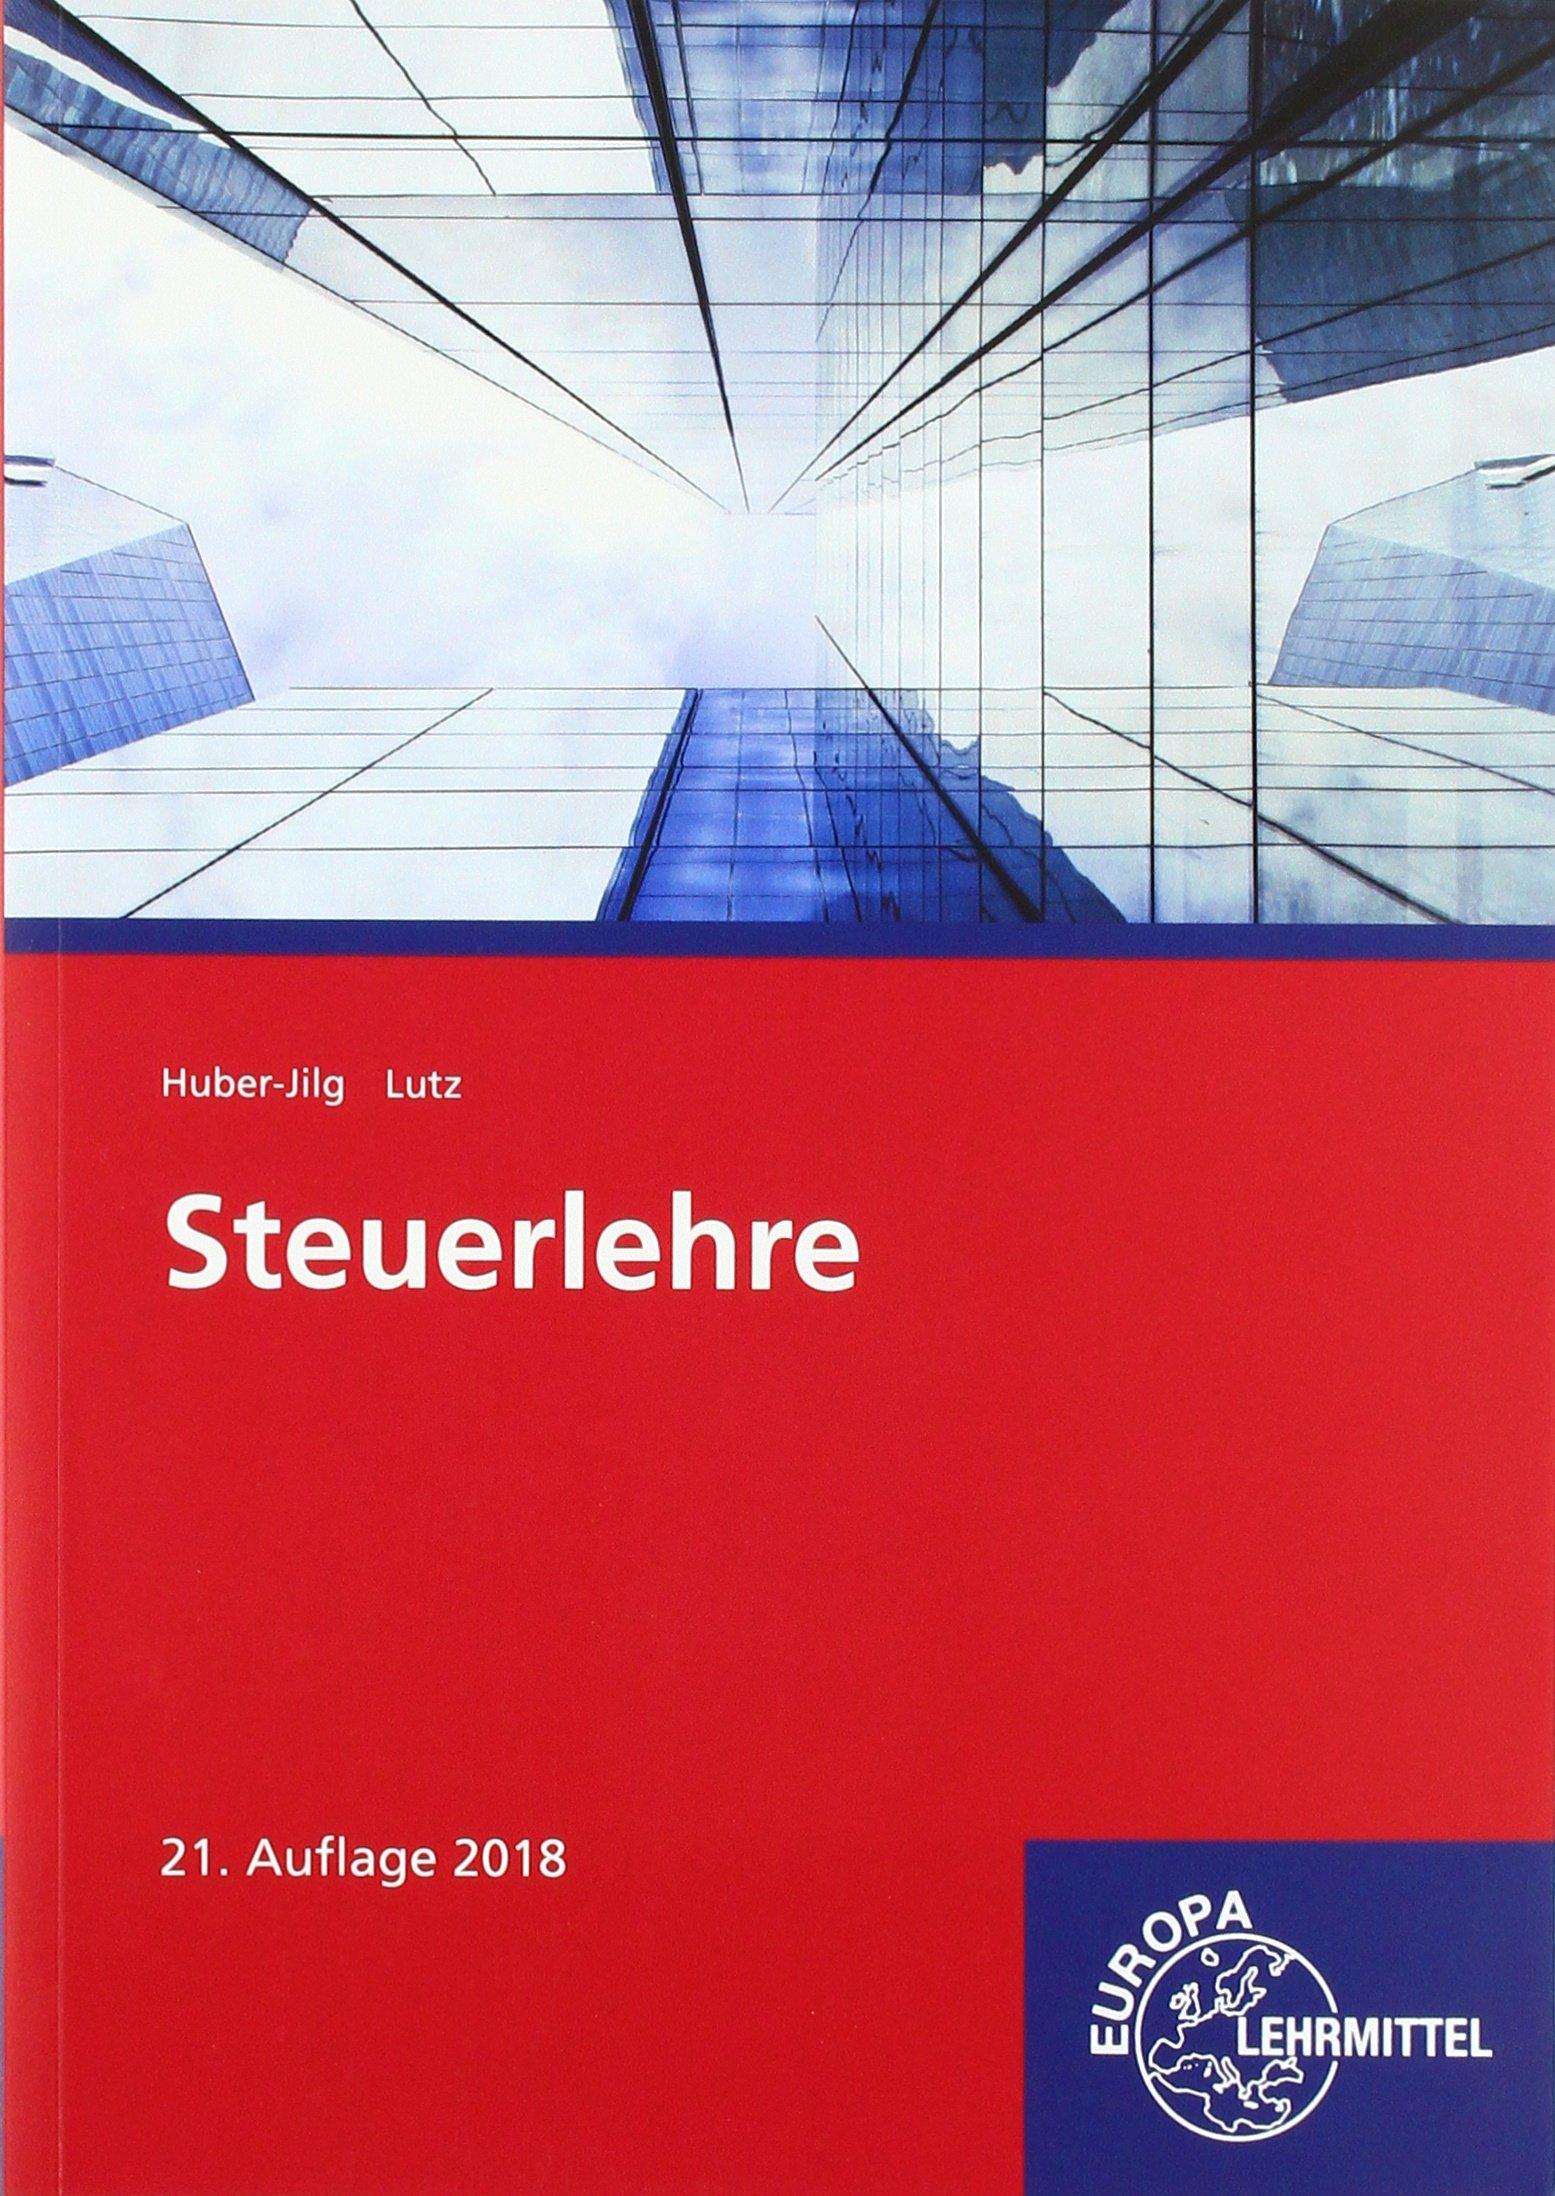 Steuerlehre Taschenbuch – 12. März 2018 Peter Huber-Jilg Karl Lutz Europa-Lehrmittel 3808528125